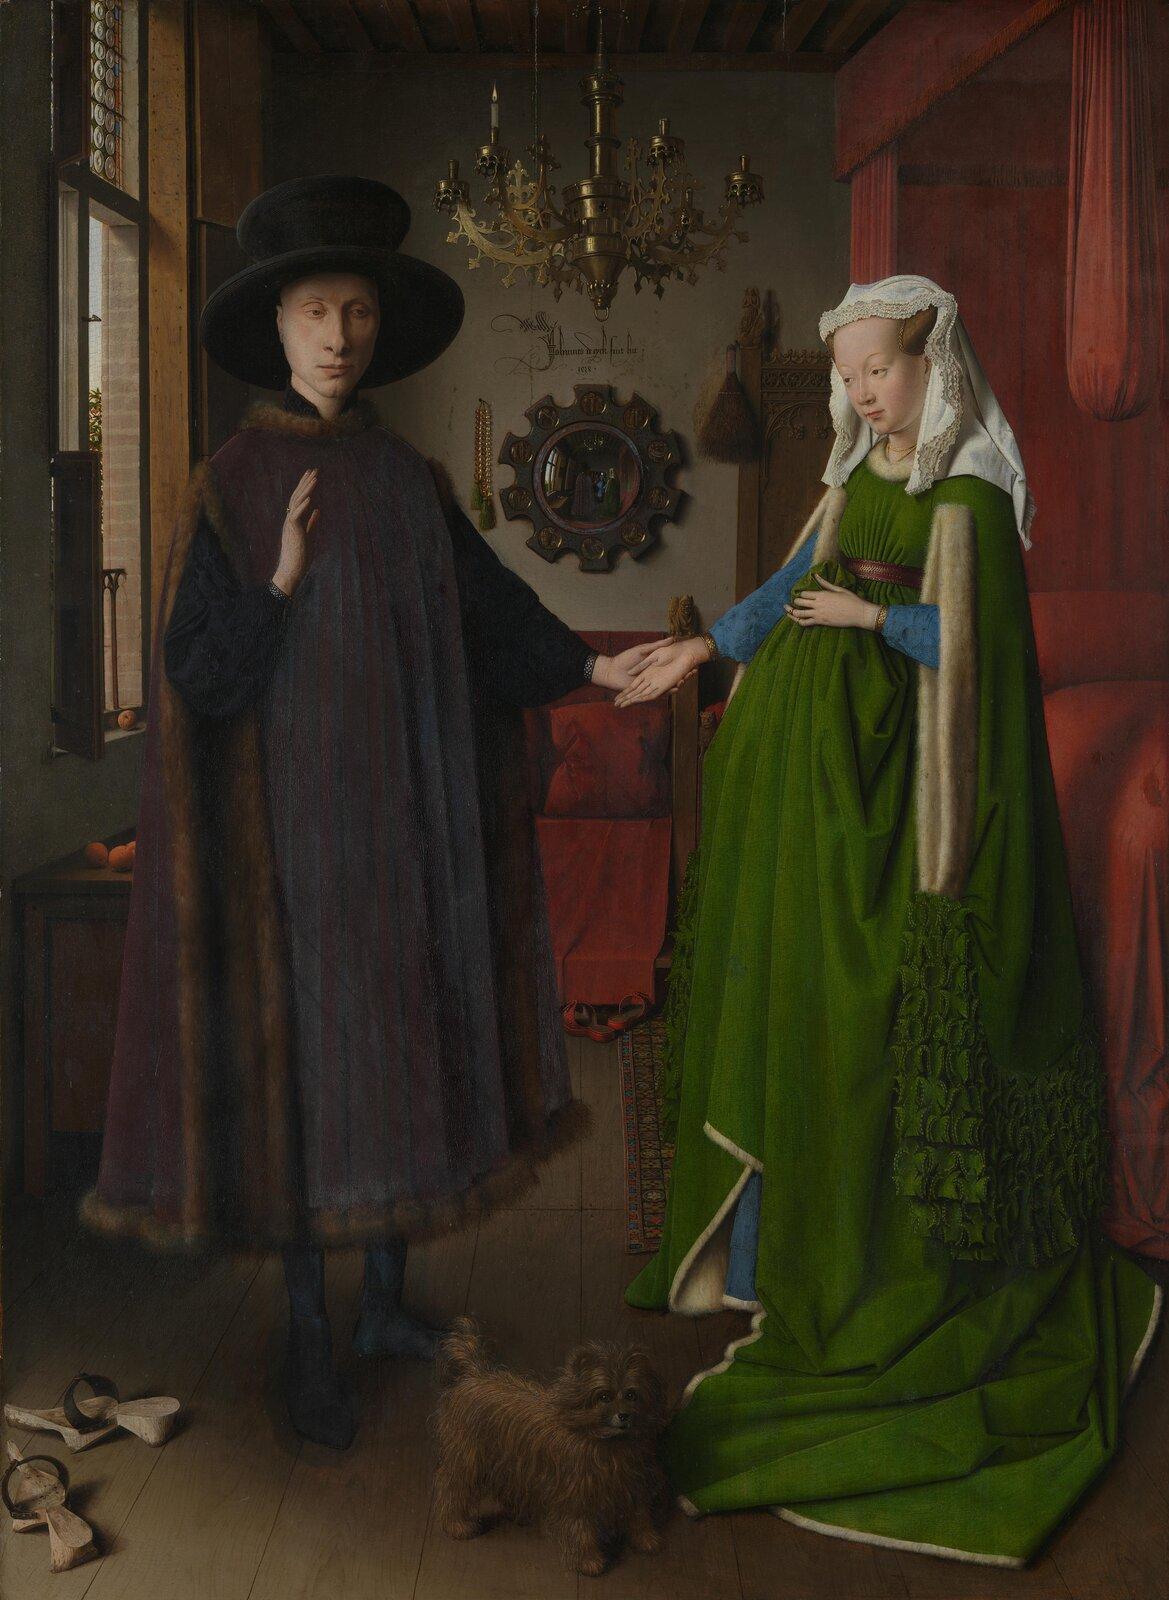 Portret małżonków Arnolfinich Źródło: Jan van Eyck, Portret małżonków Arnolfinich, 1434, olej na desce, National Gallery, Londyn, domena publiczna.